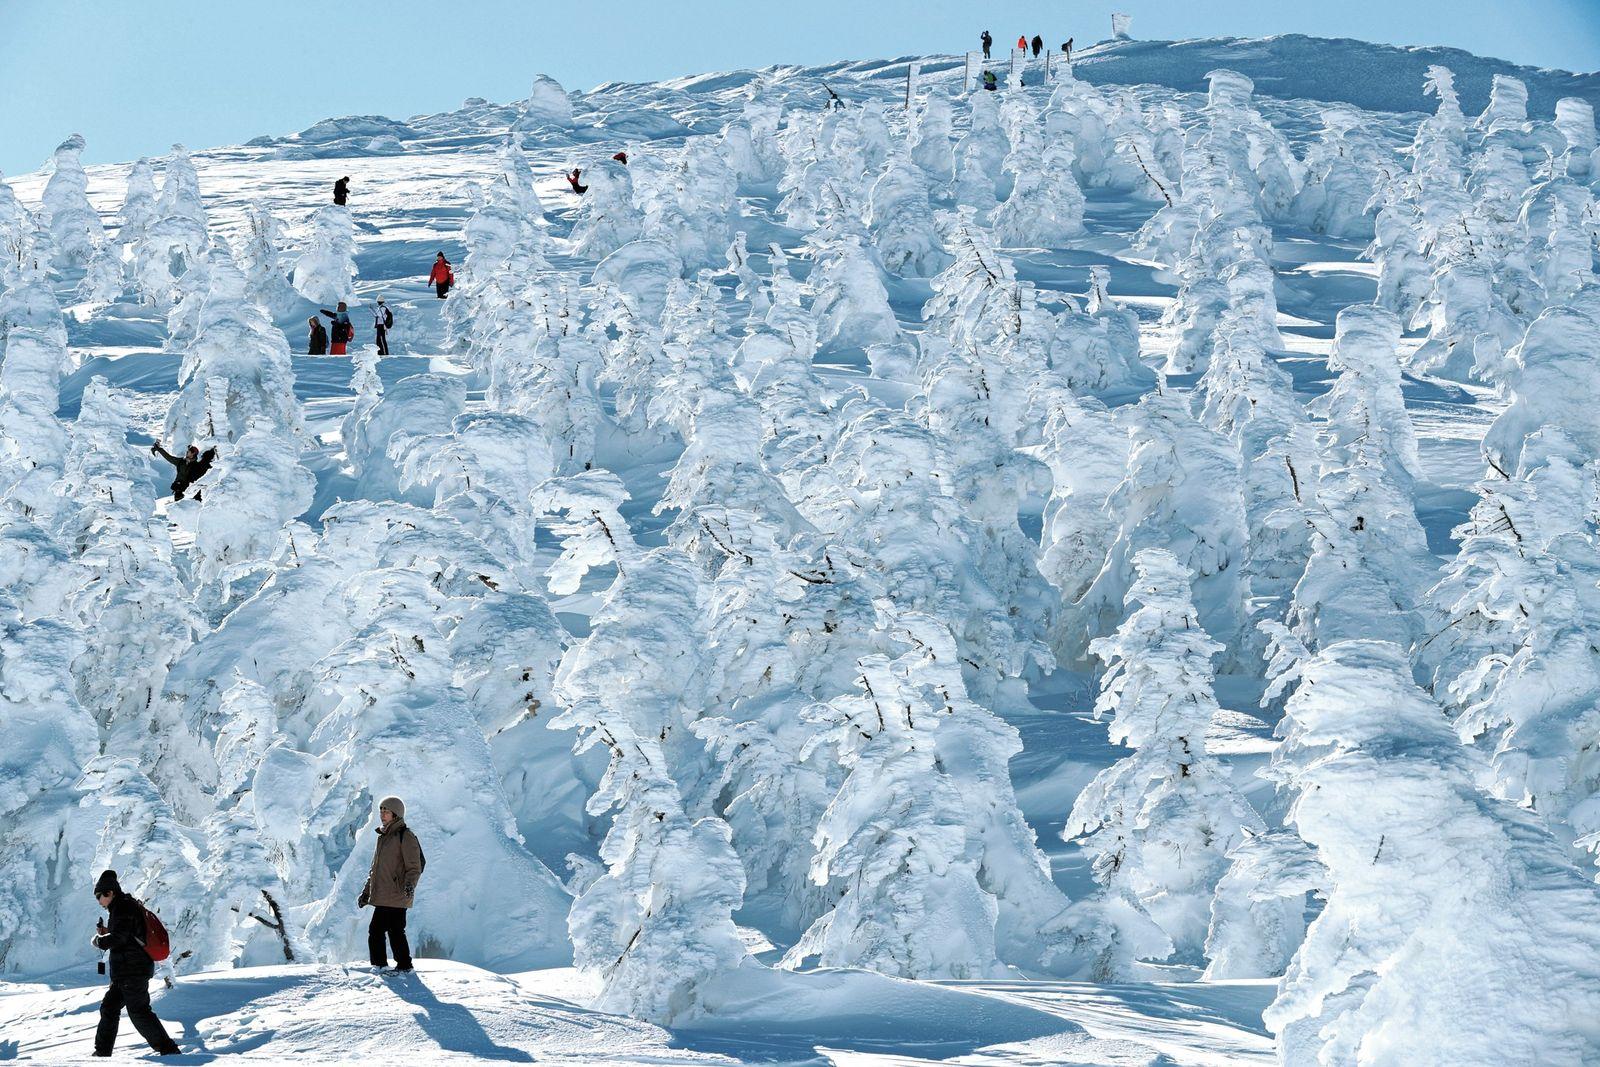 No Japão, as árvores cobertas de gelo, conhecidas por monstros de neve, transformam a estância de ...